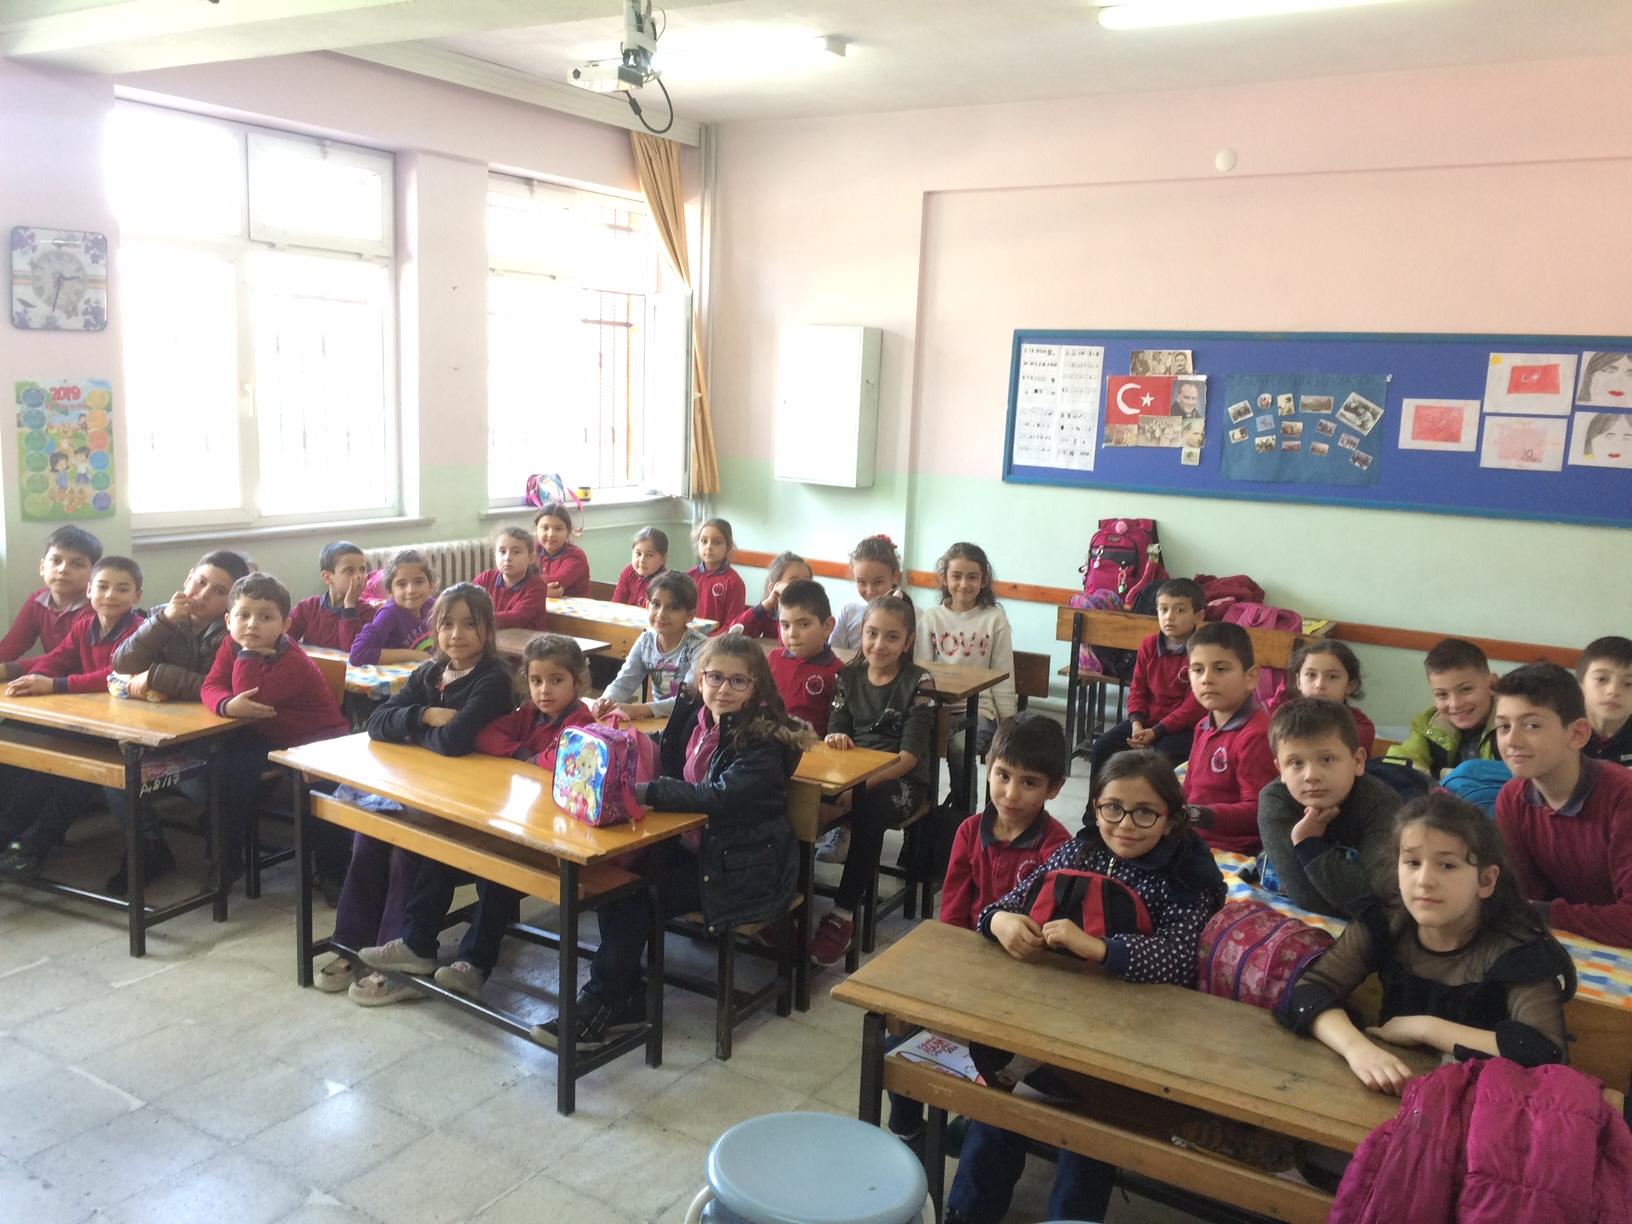 Sülek İlkokulu'nda Sıfır Atık Konulu Eğitim Verildi